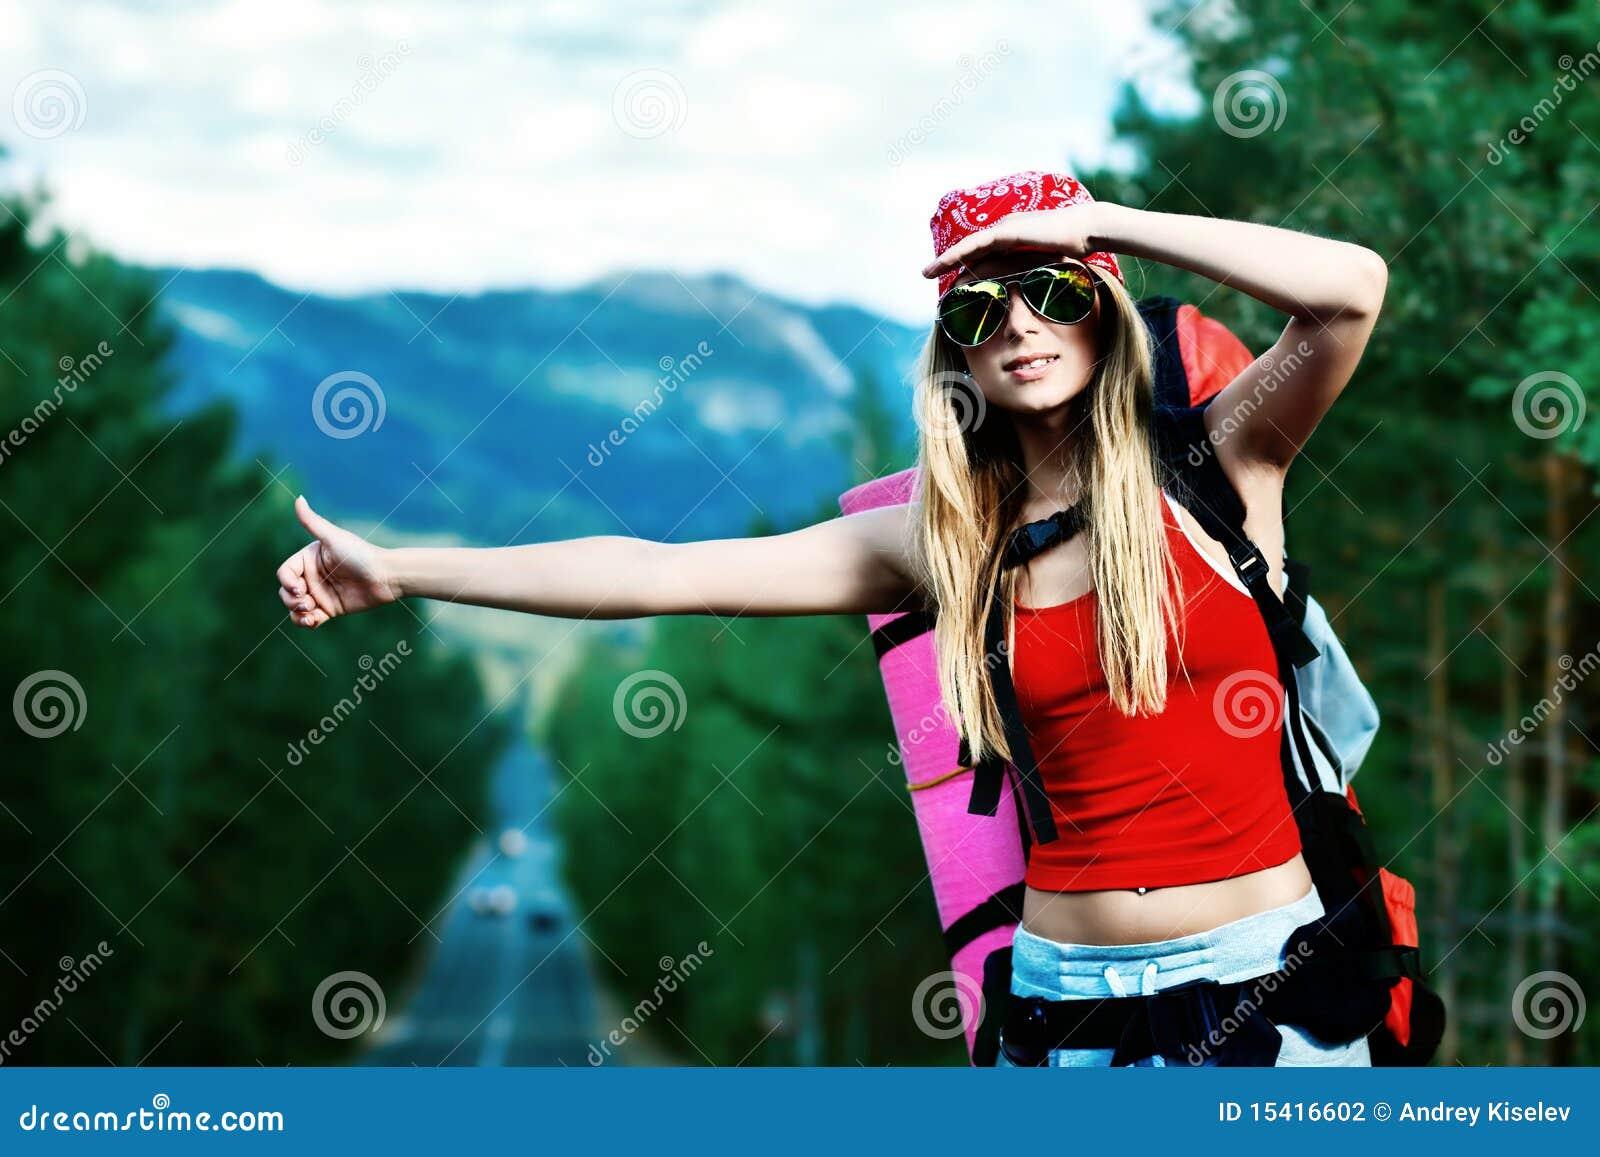 Фото девушек туристки